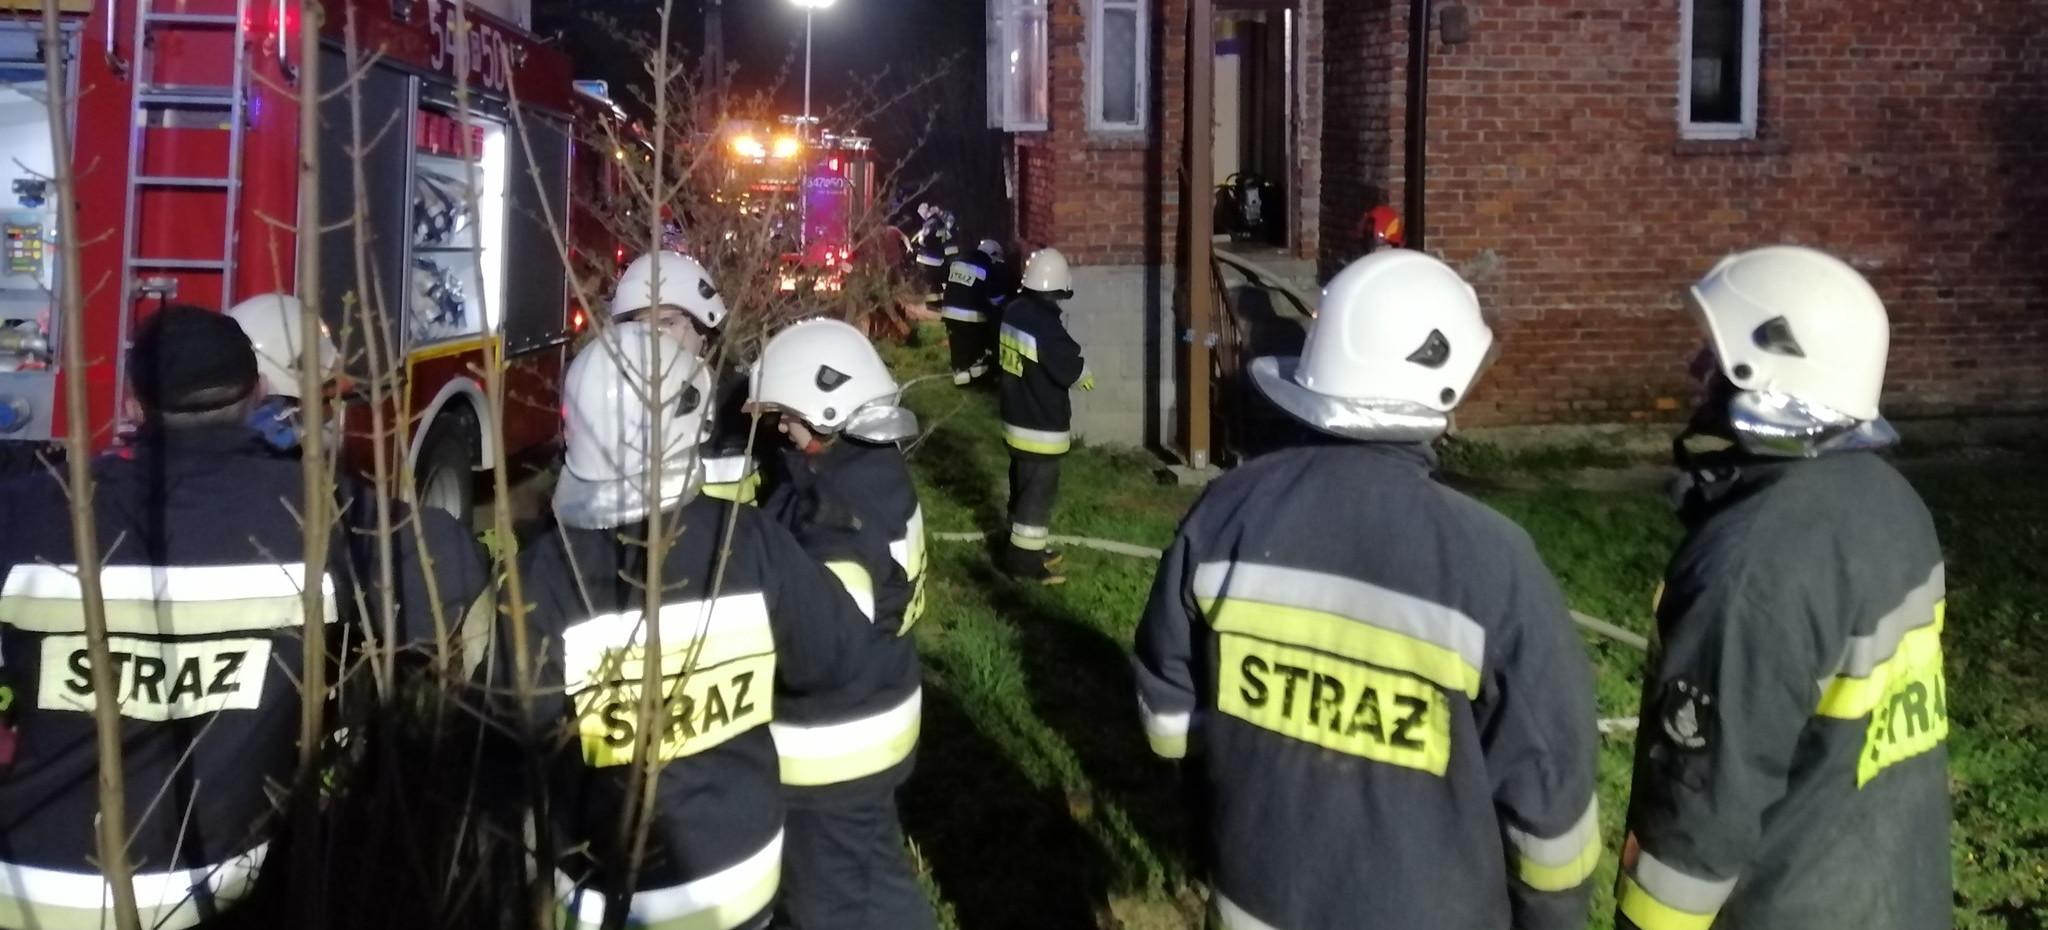 Wybuch gazu w domu jednorodzinnym! Poparzona osoba (ZDJĘCIA)